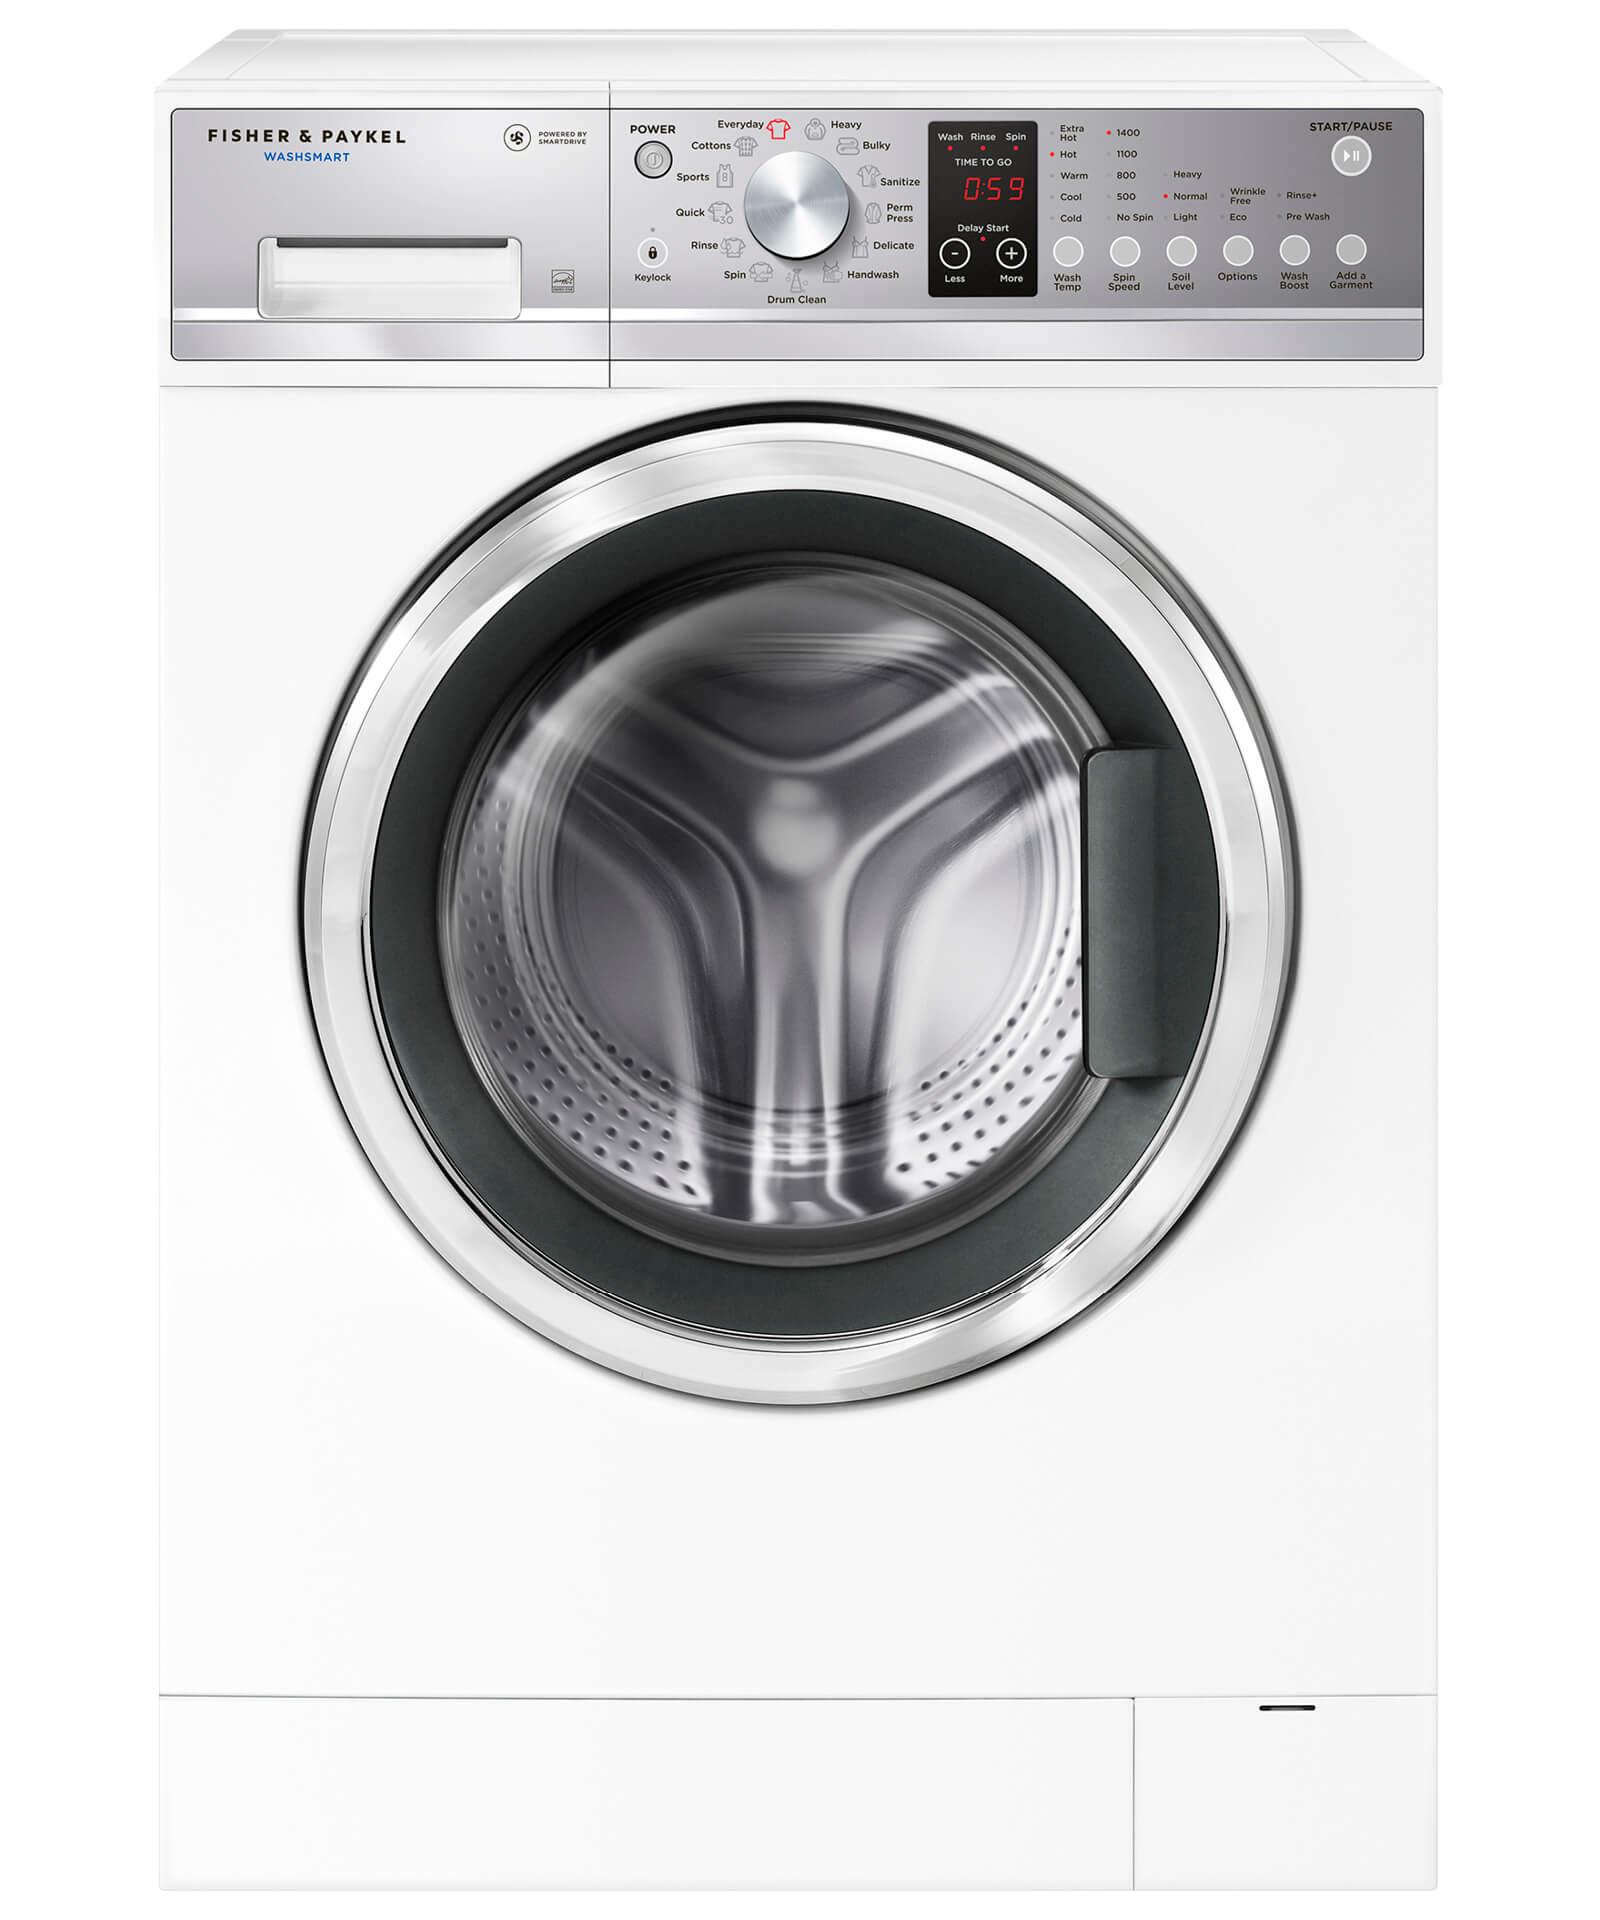 Model: WH2424P1 | WashSmart™ Front Load Washer, 2.4 cu ft, SmartDrive™